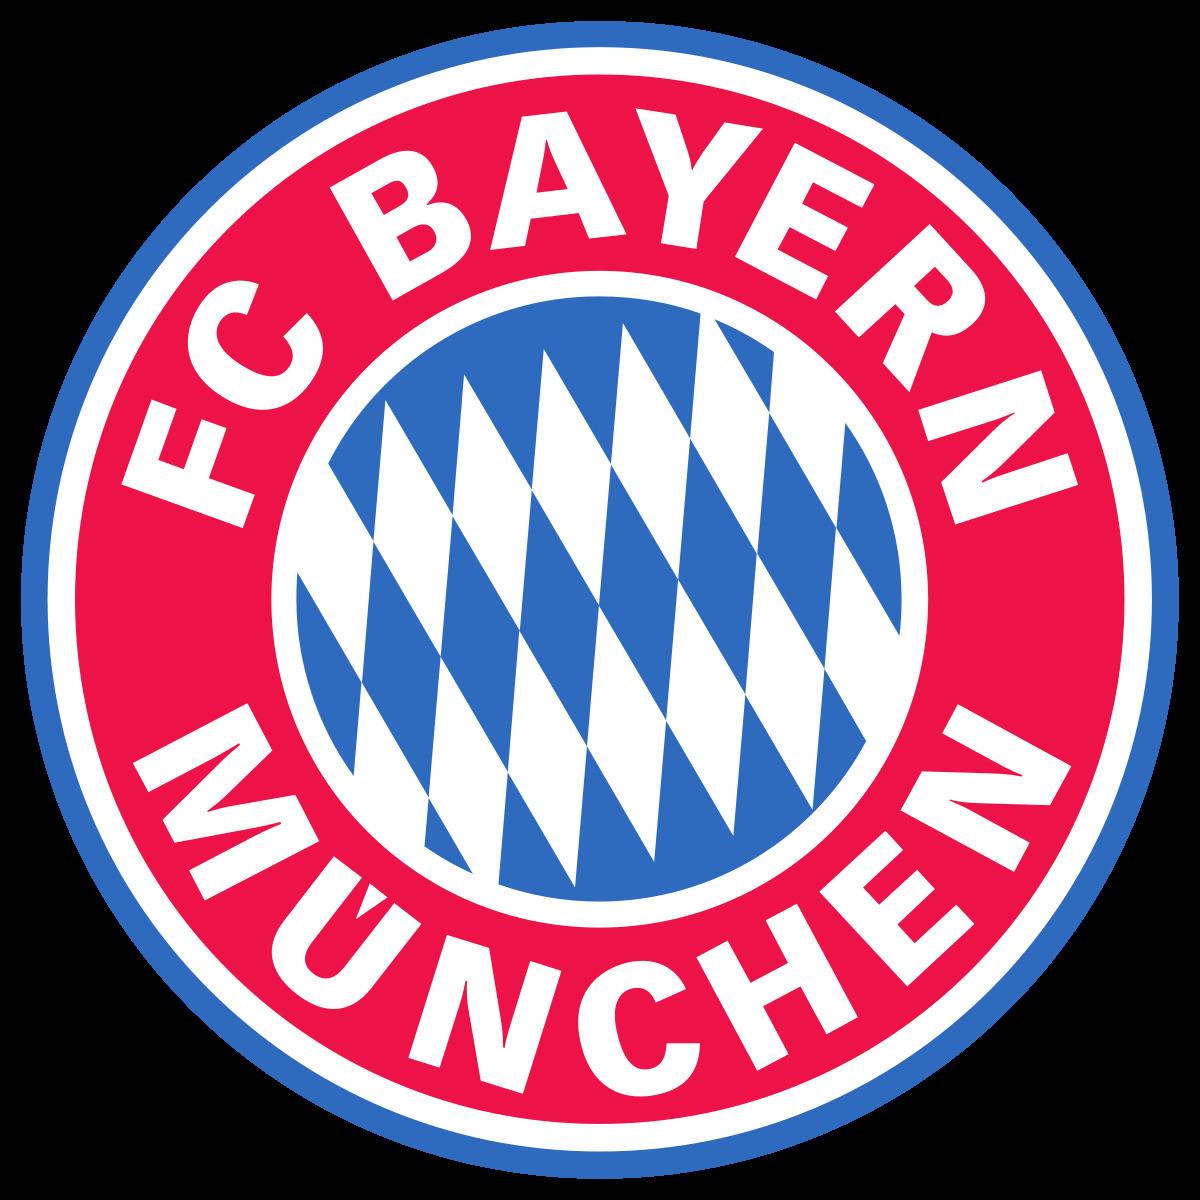 Fc Bayern Logo Zum Ausmalen Inspirierend Fußball Club Bayern München Frisch Ausmalbilder Fc Bayern München Bilder